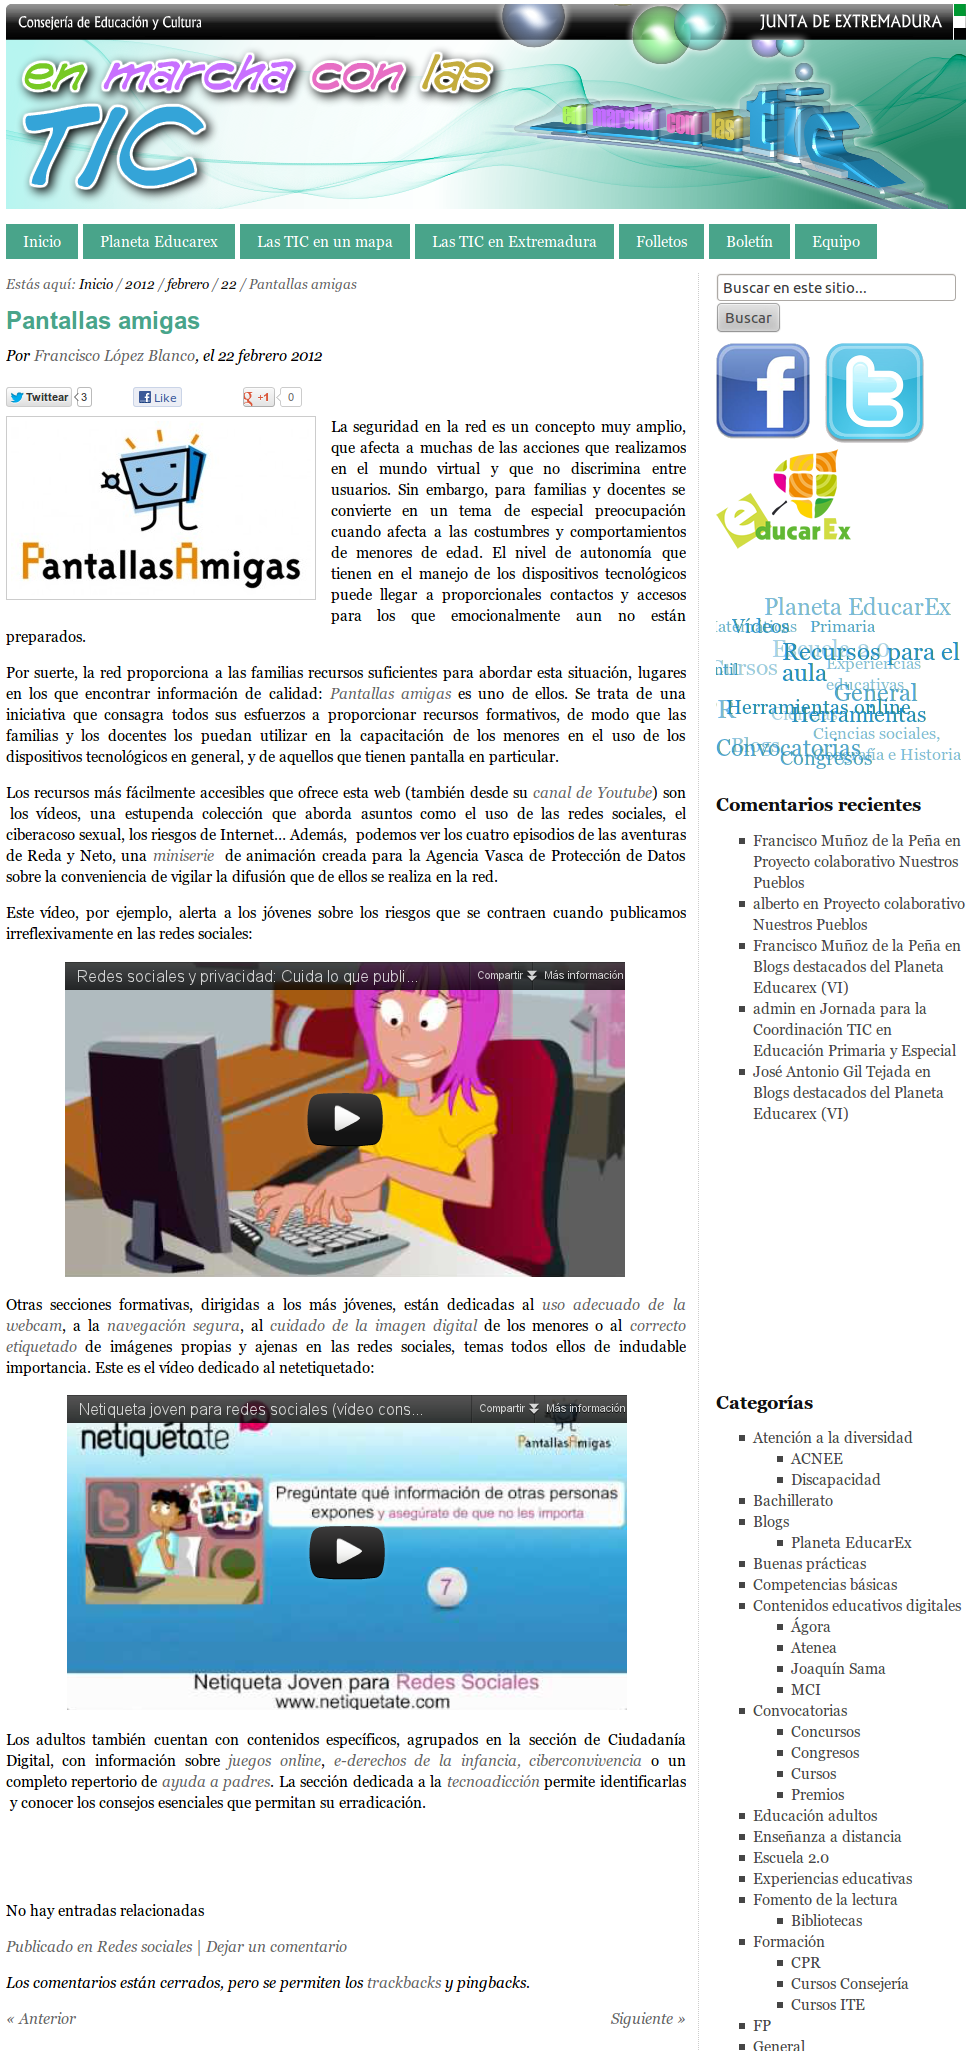 PantallasAmigas